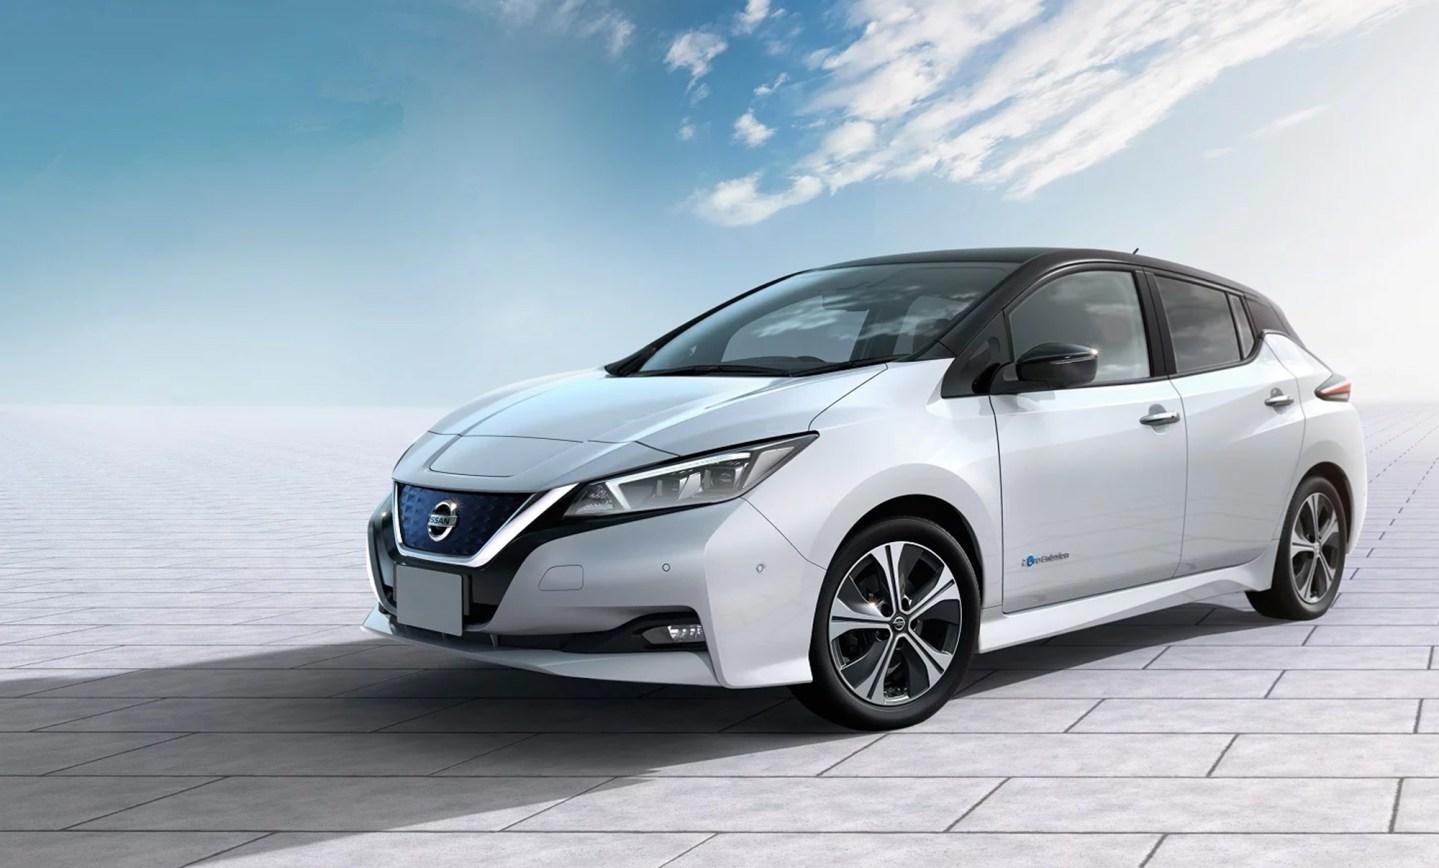 União Europeia aprova lei que obriga que carros elétricos produzam som